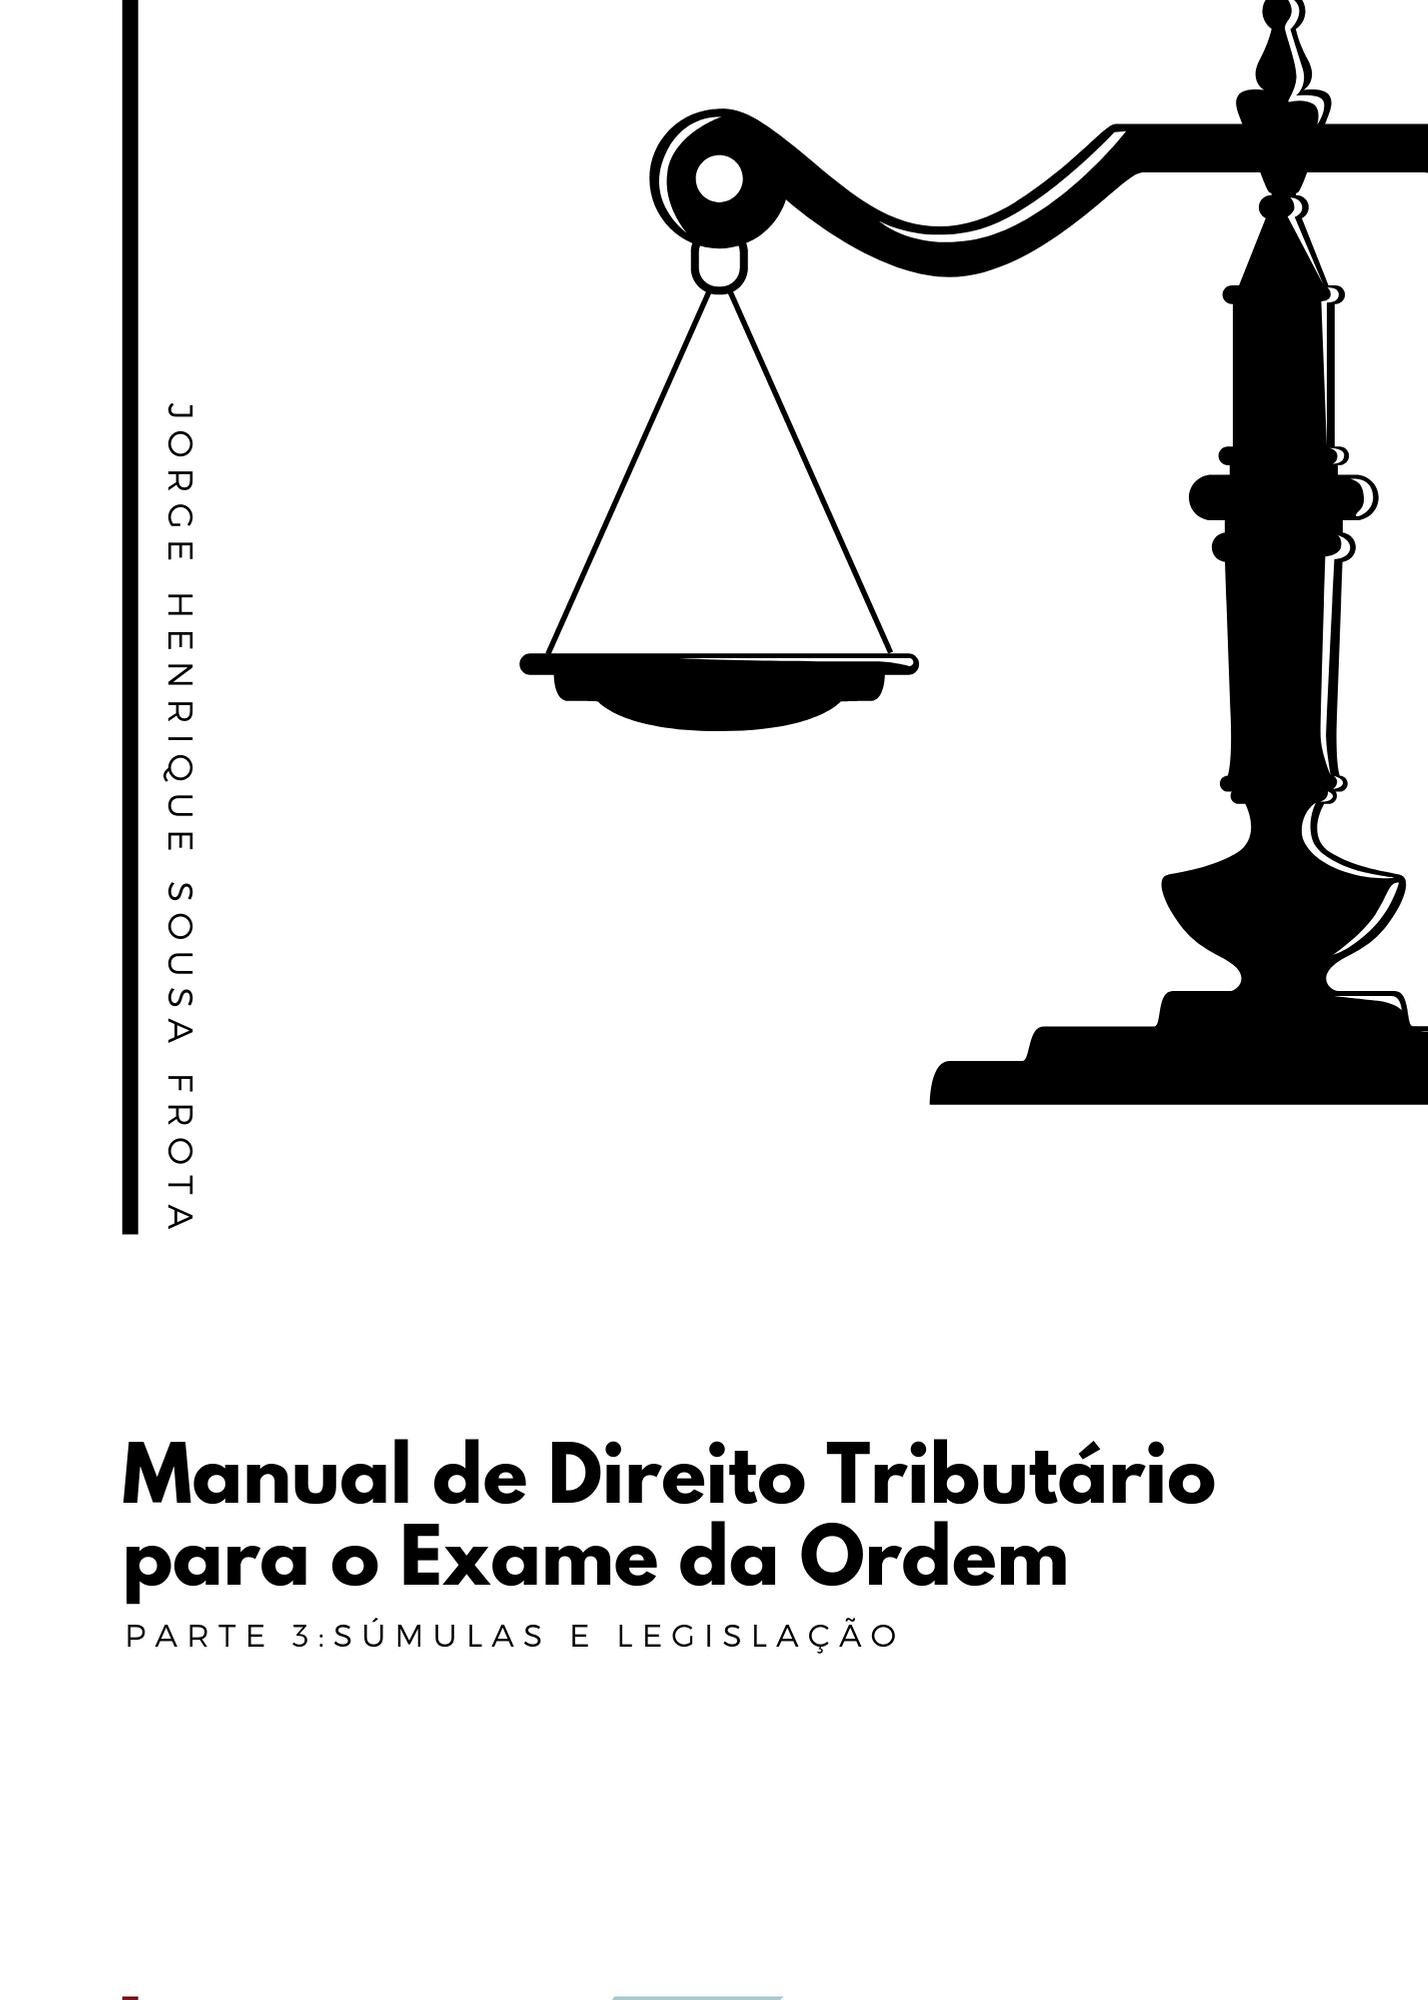 MANUAL DE DIREITO TRIBUTÁRIO PARA O EXAME DA ORDEM - PARTE 03: SÚMULAS E LEGISLAÇÃO